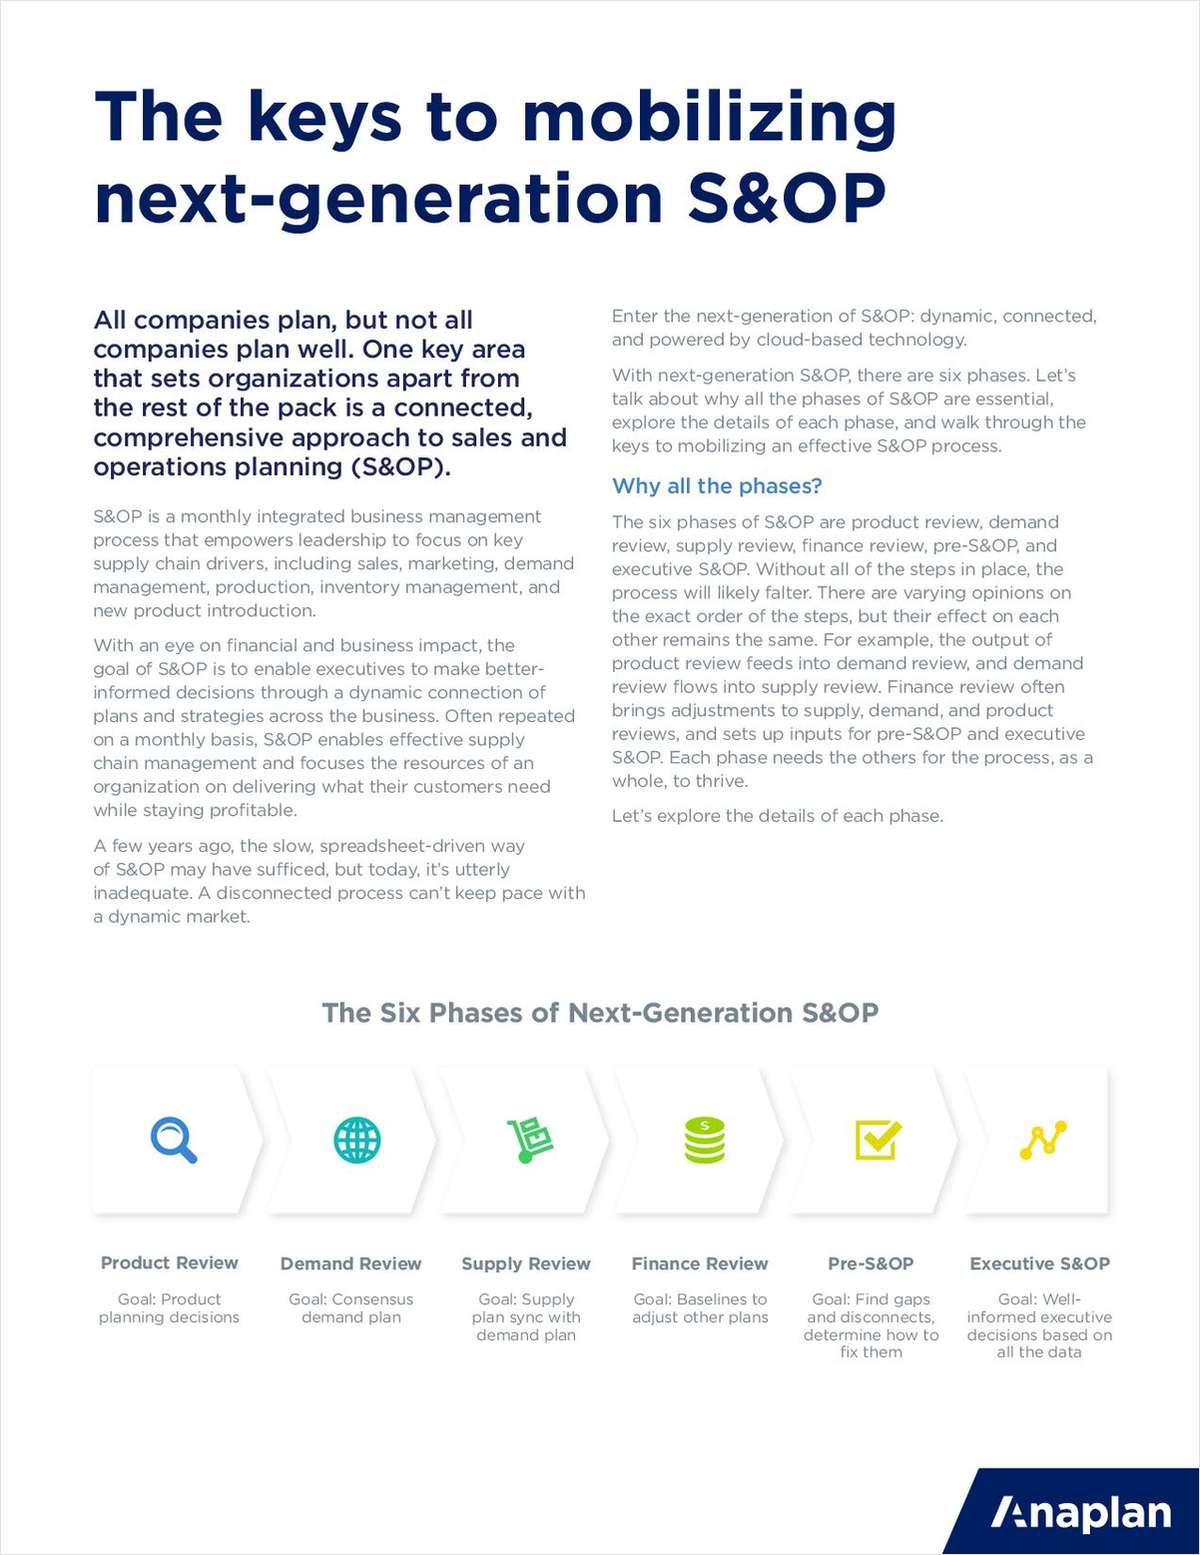 6 phases of next-gen S&OP